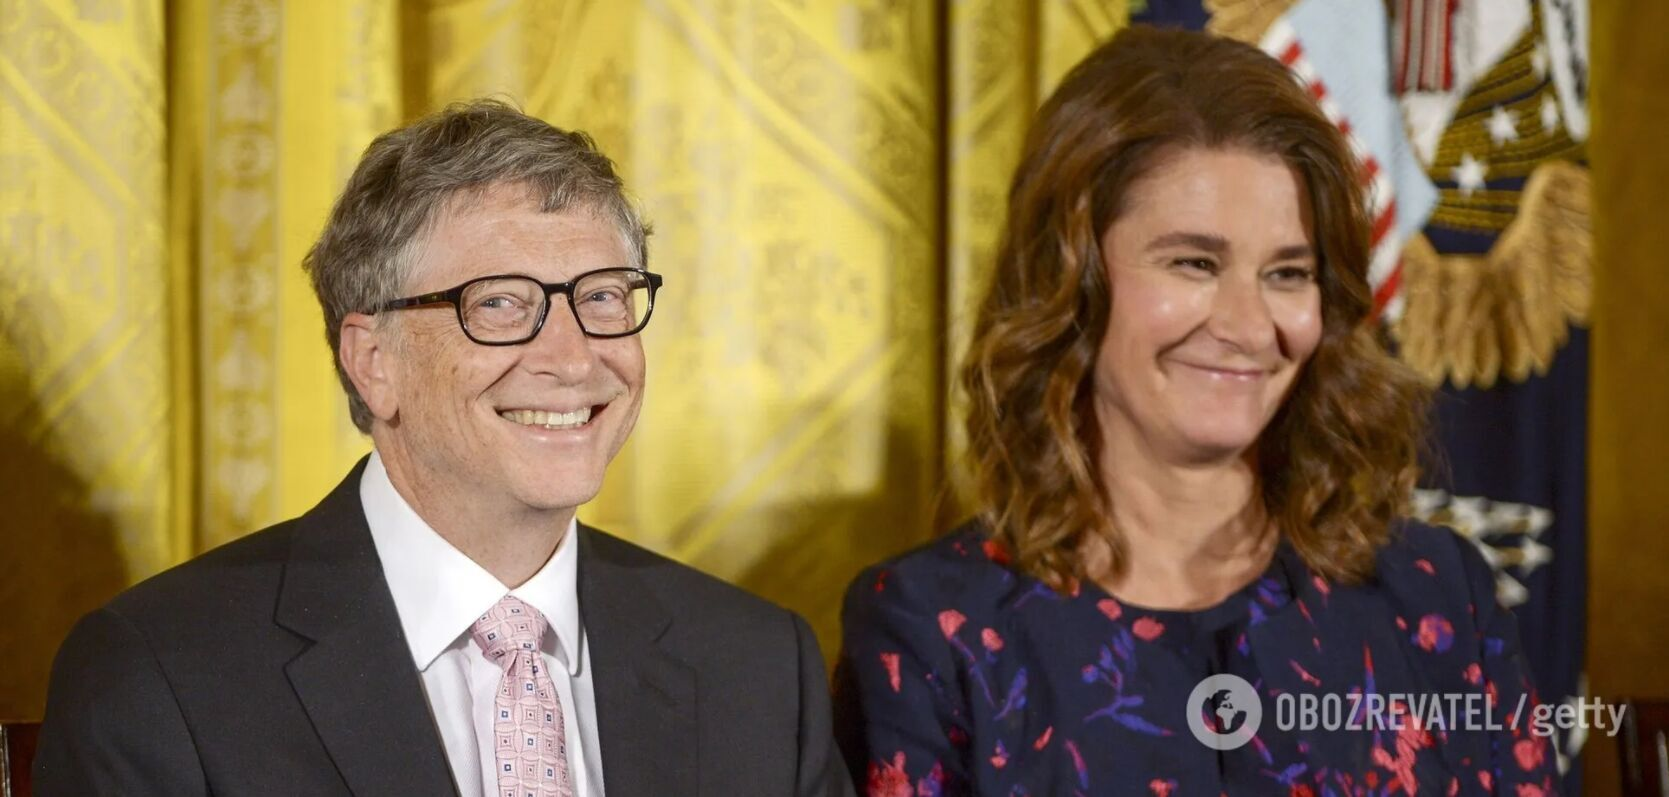 Мелинда Френч Гейтс после развода получила акции на более чем 3 млрд долларов.